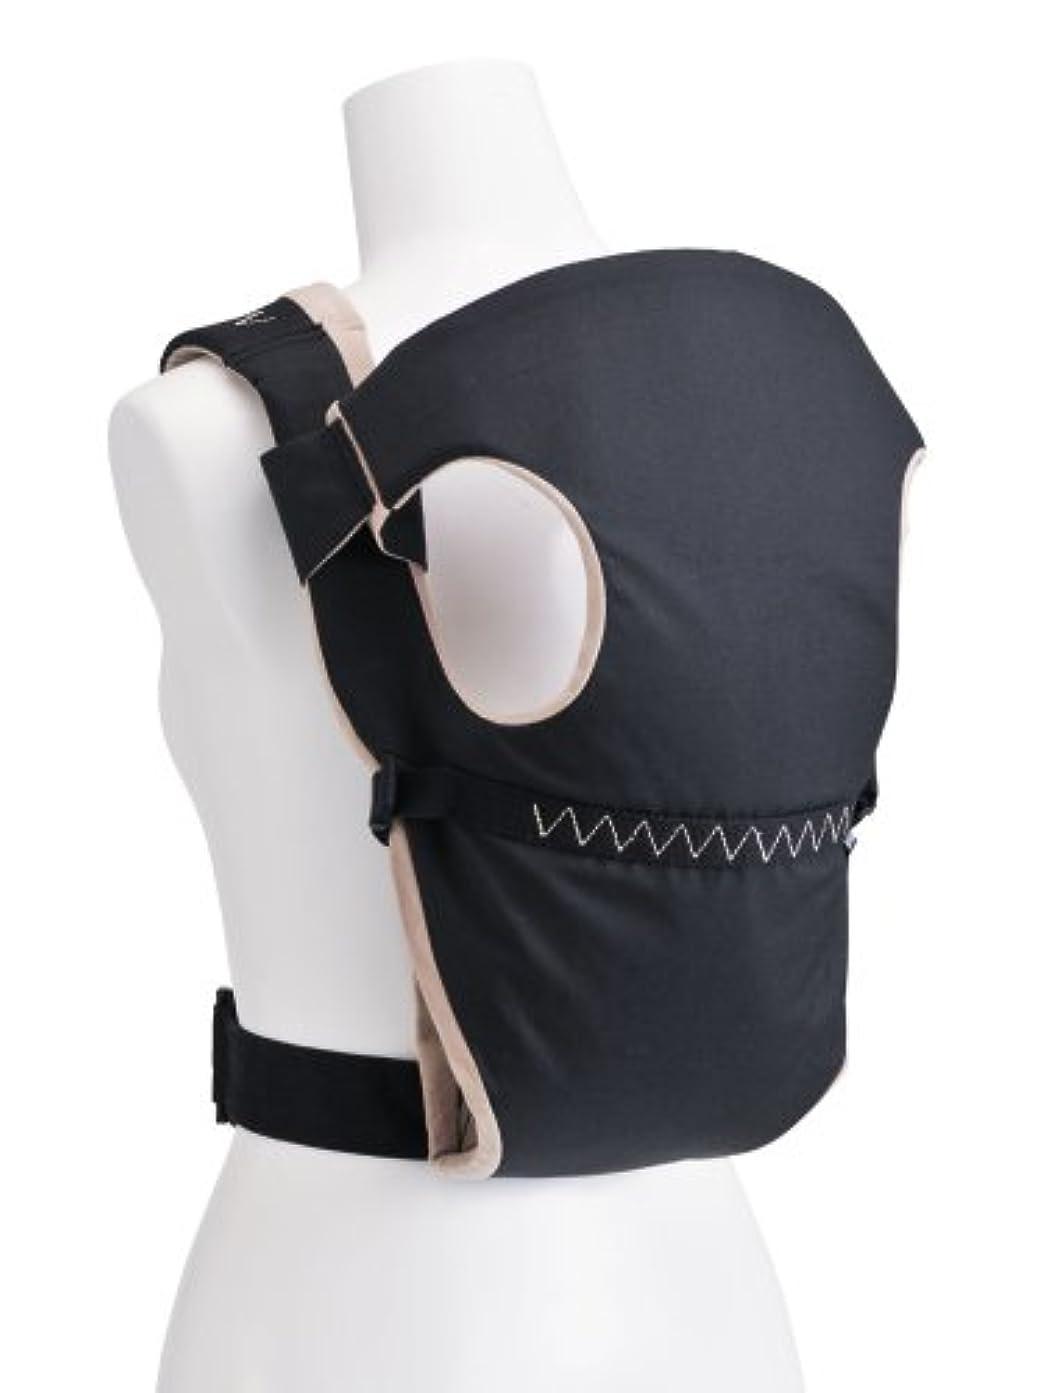 地元視力コイルMinizone 新生児 ベビースリング 抱っこひも X型 おんぶ紐 ベビーキャリア サイズ 調節可能 収納ポーチ 日本語説明書付き (三代目カーキ)